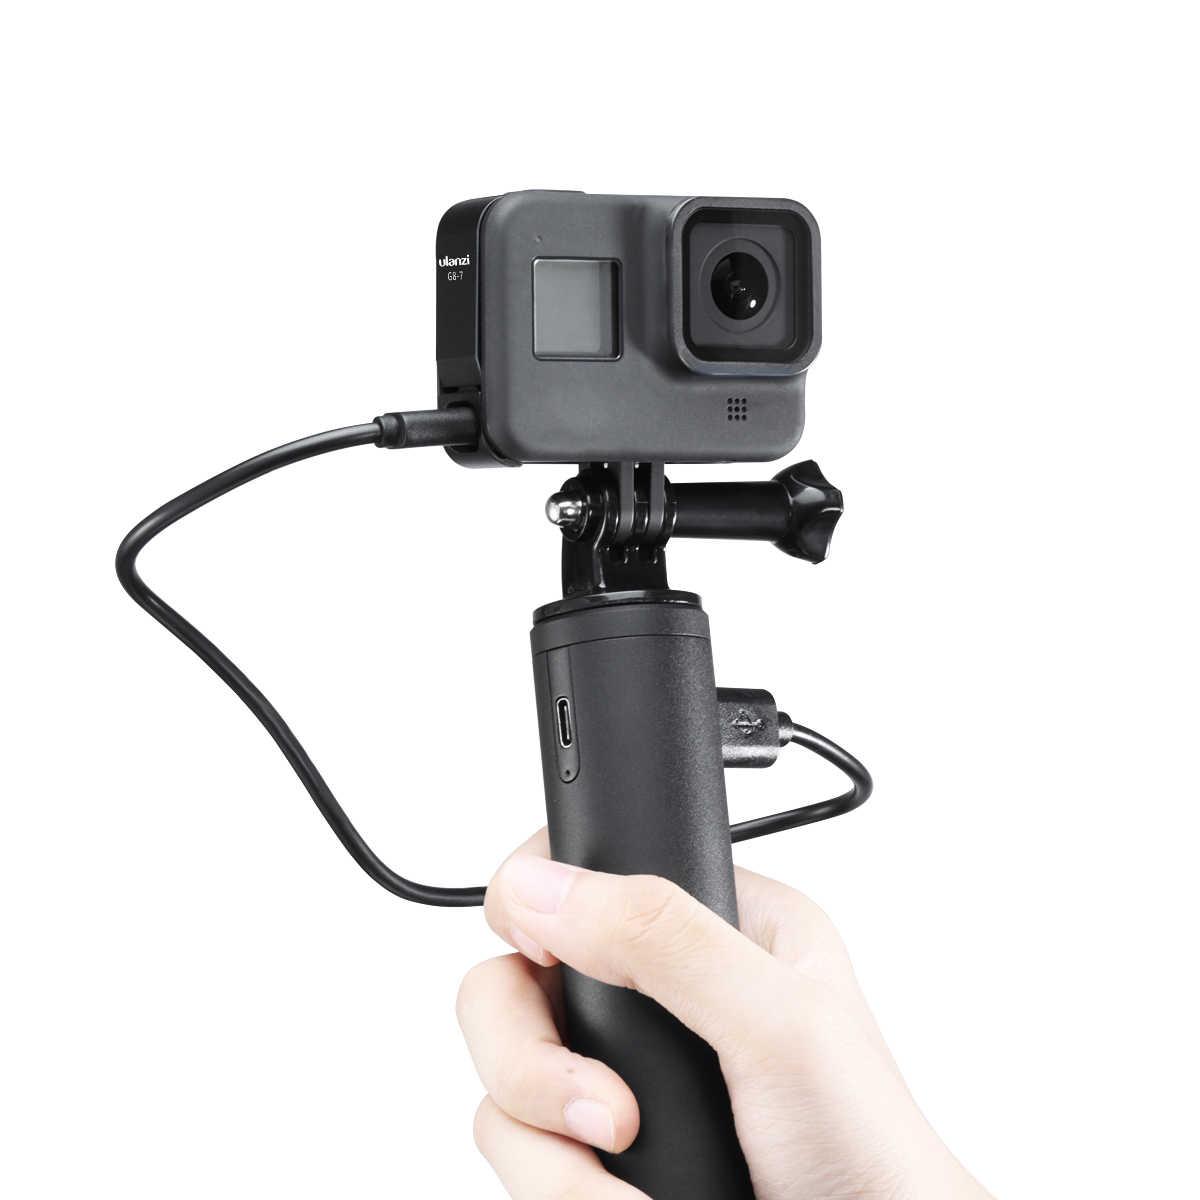 سبائك الألومنيوم تحميلها غطاء البطارية ل Gopro بطل 8 الأسود غطاء البطارية حالة البطارية الباب تهمة ميناء الرياضة ملحقات الكاميرا